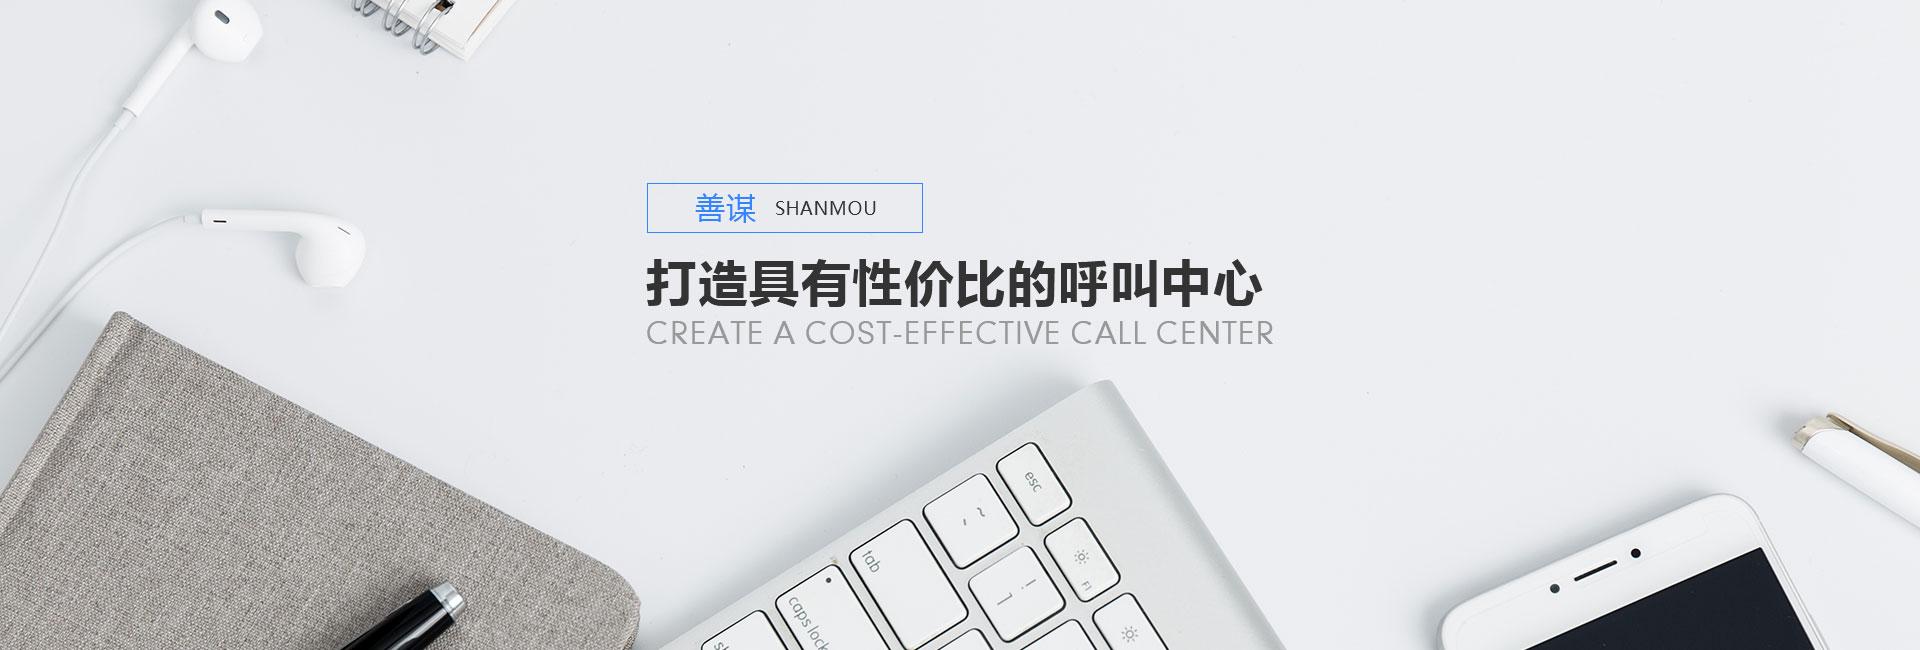 重庆电话营销呼叫系统